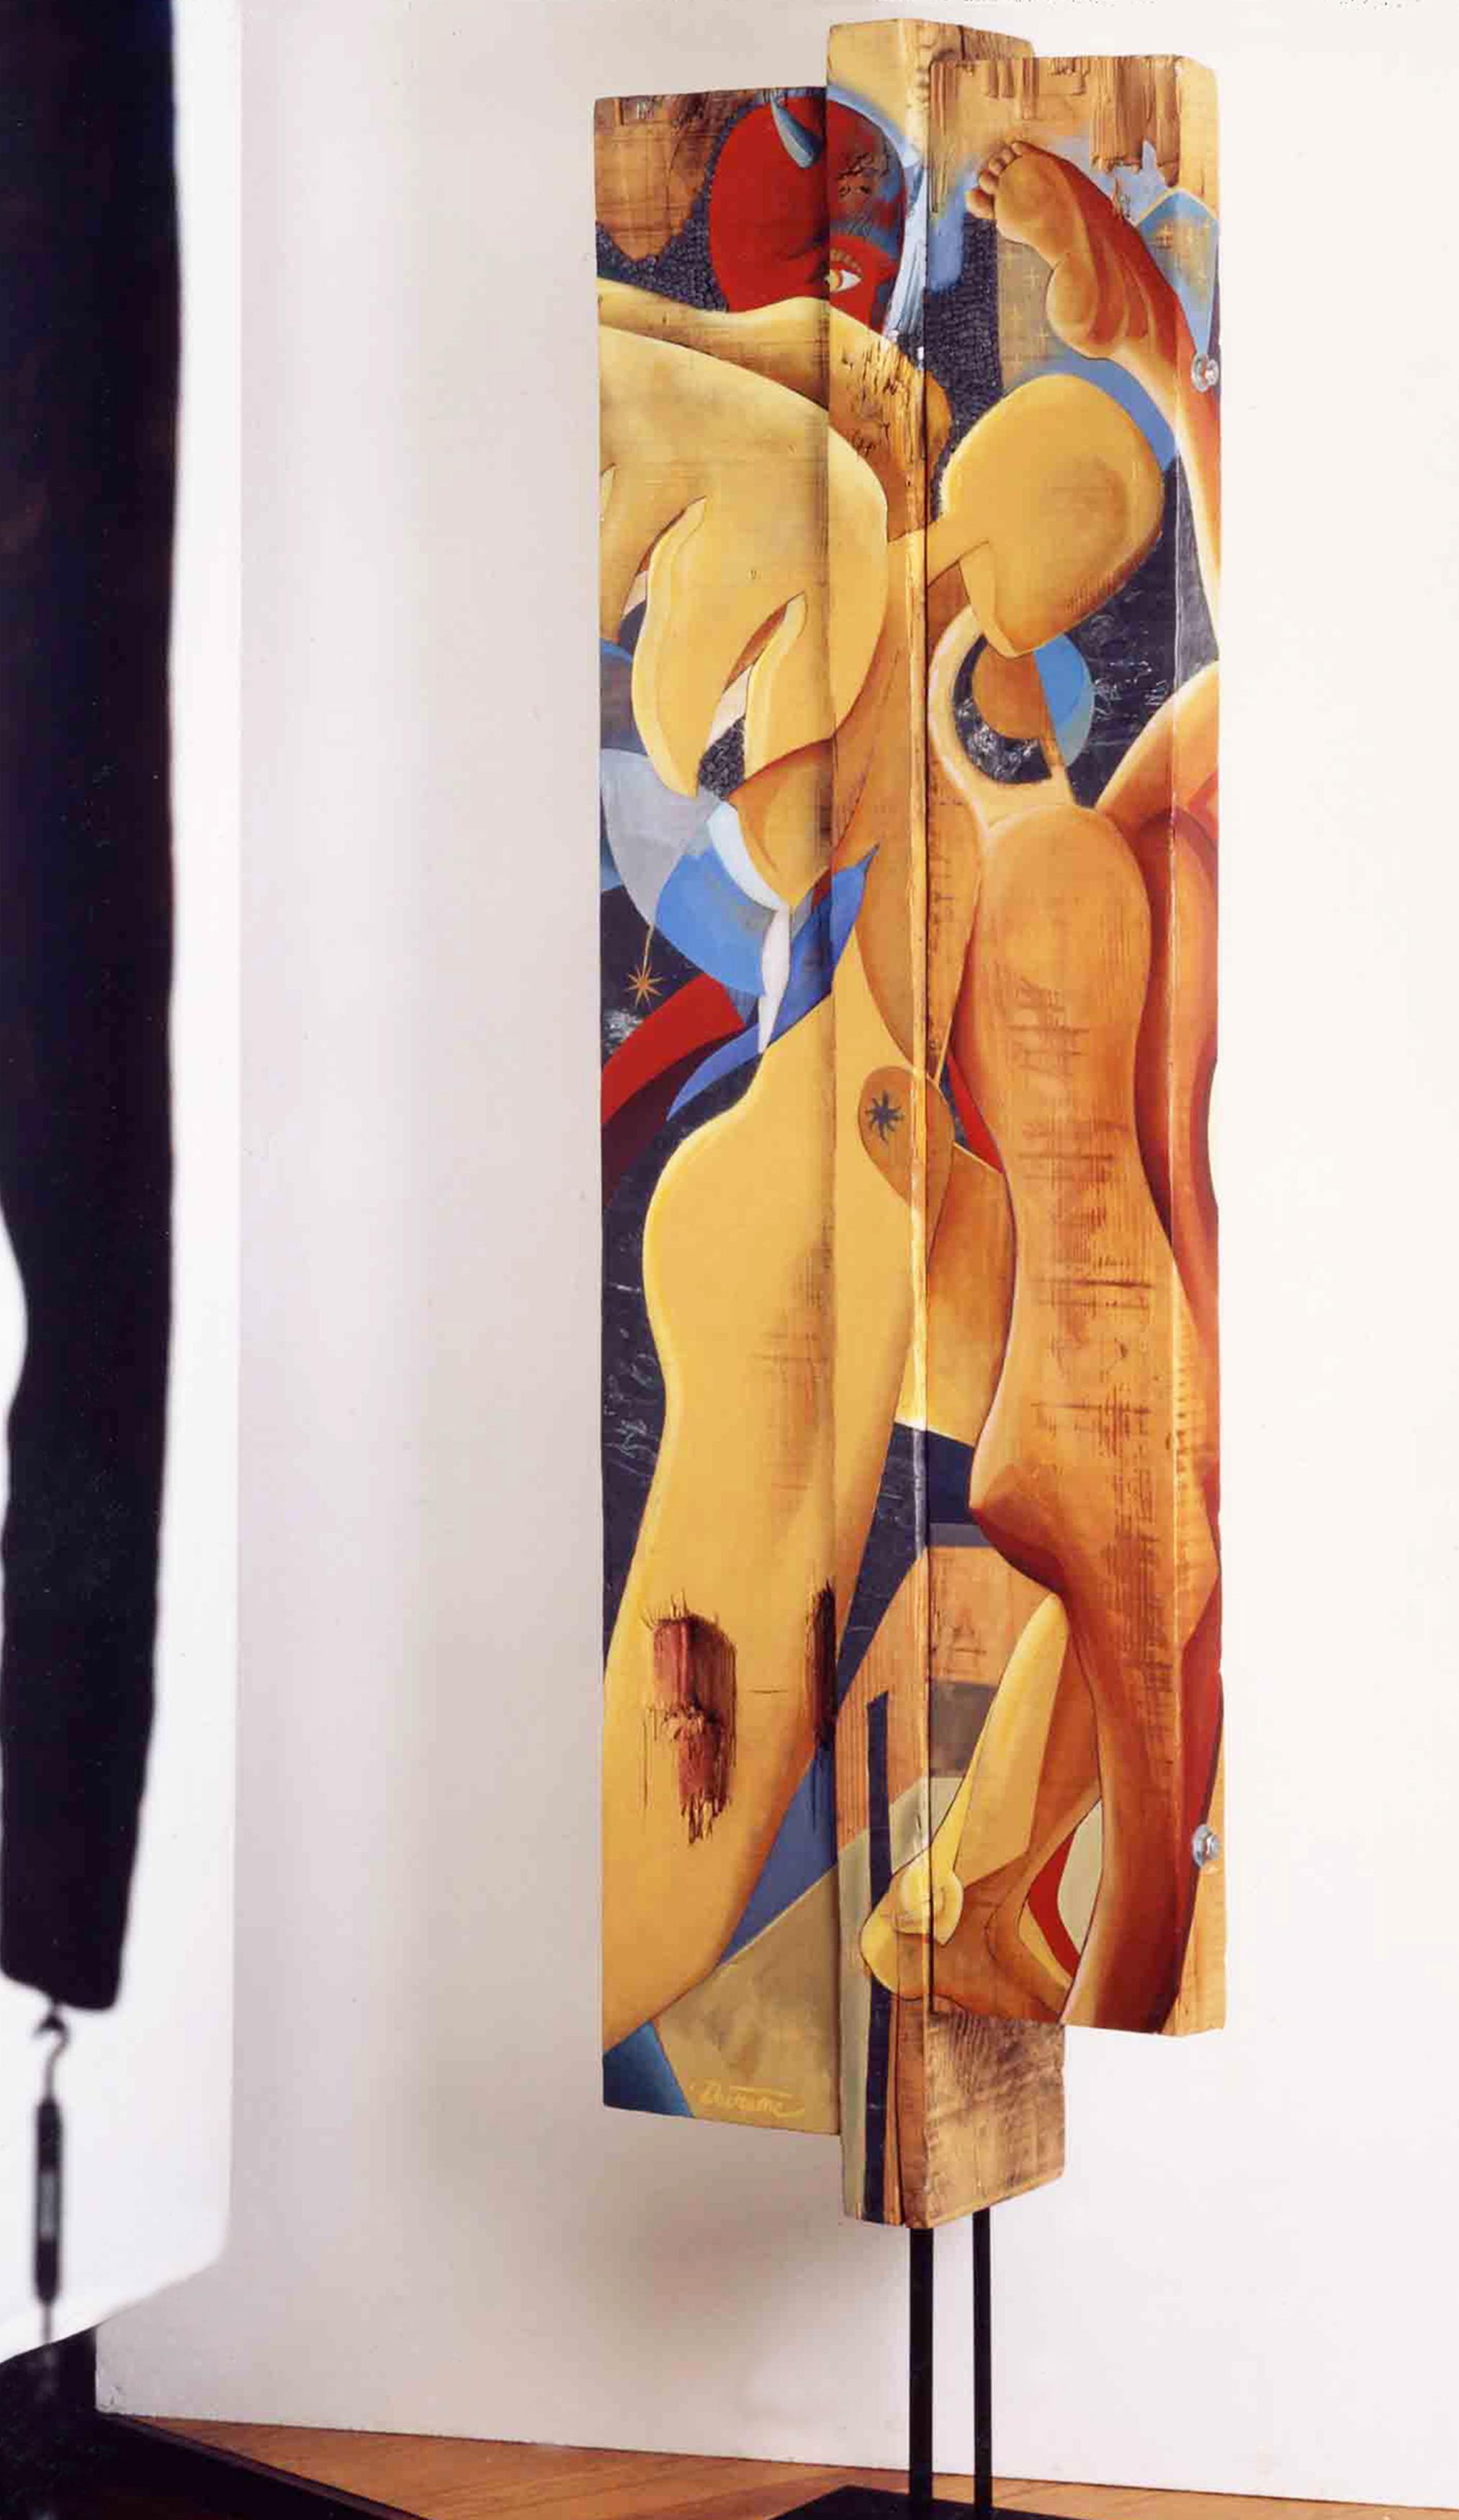 DECREME-Constellation-triangulaire-peinture-plomb-et-clous-sur-bois-210x57x25cm-1994